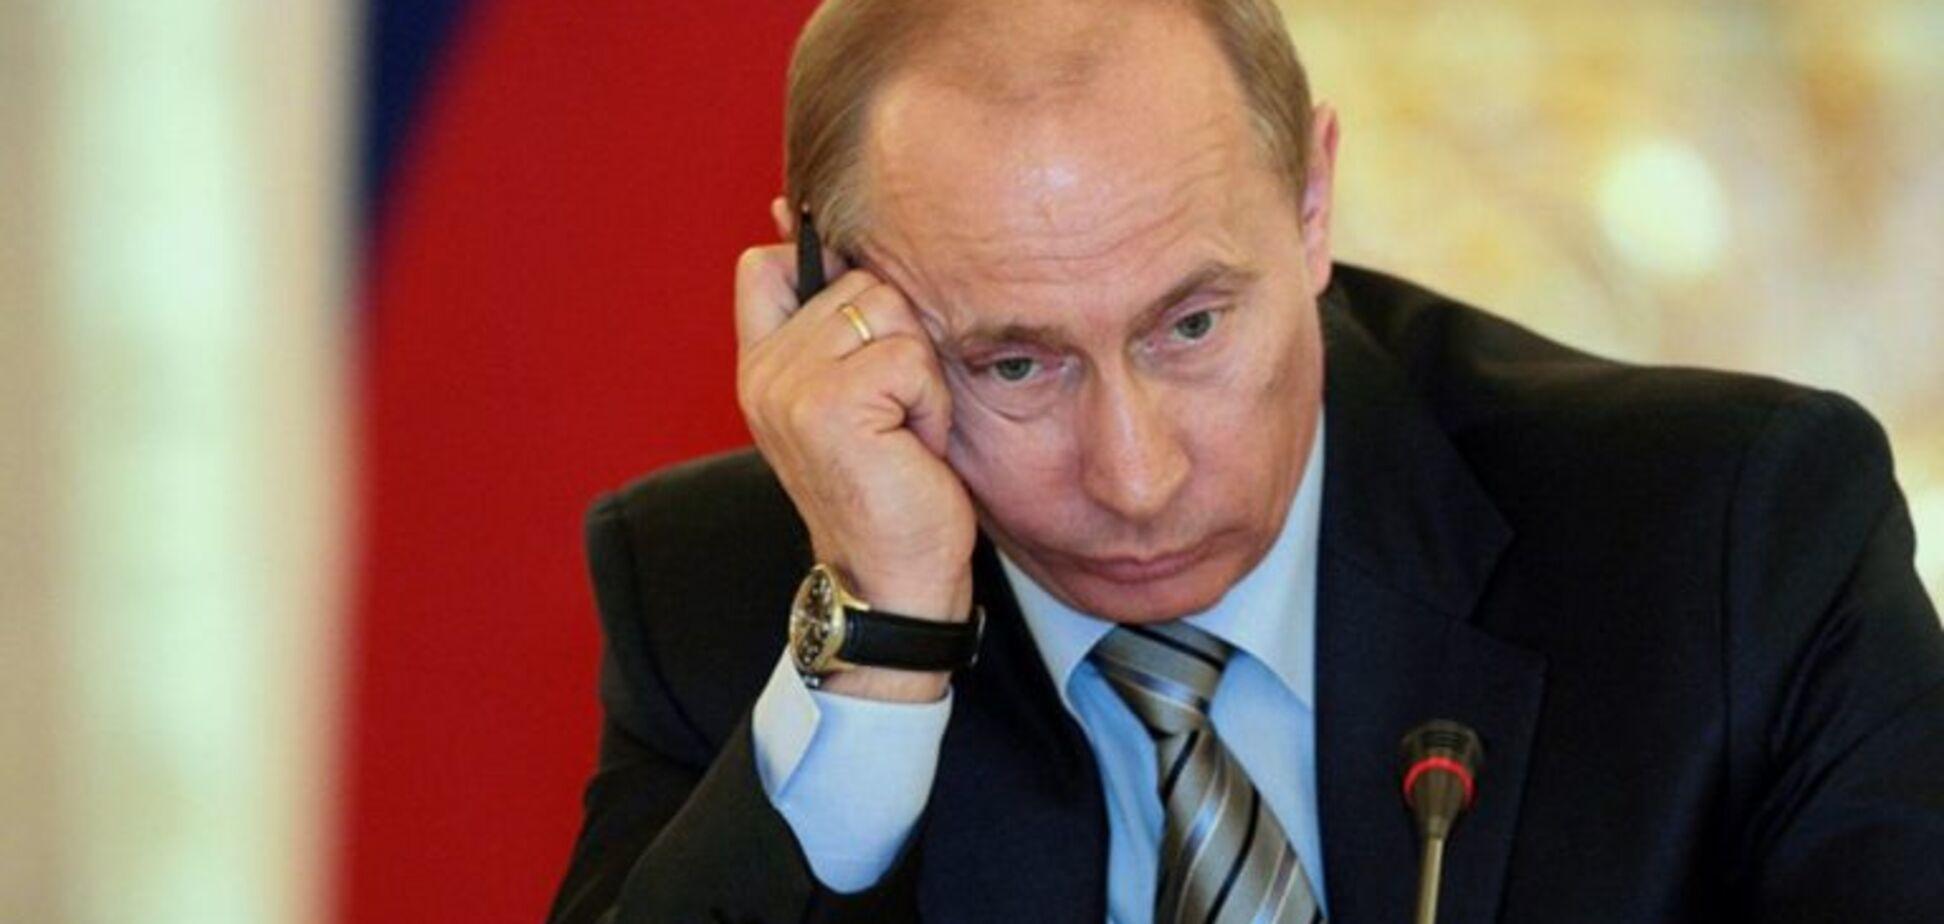 Будут мечтать о суде в Гааге: в Украине жестко предупредили руководство России